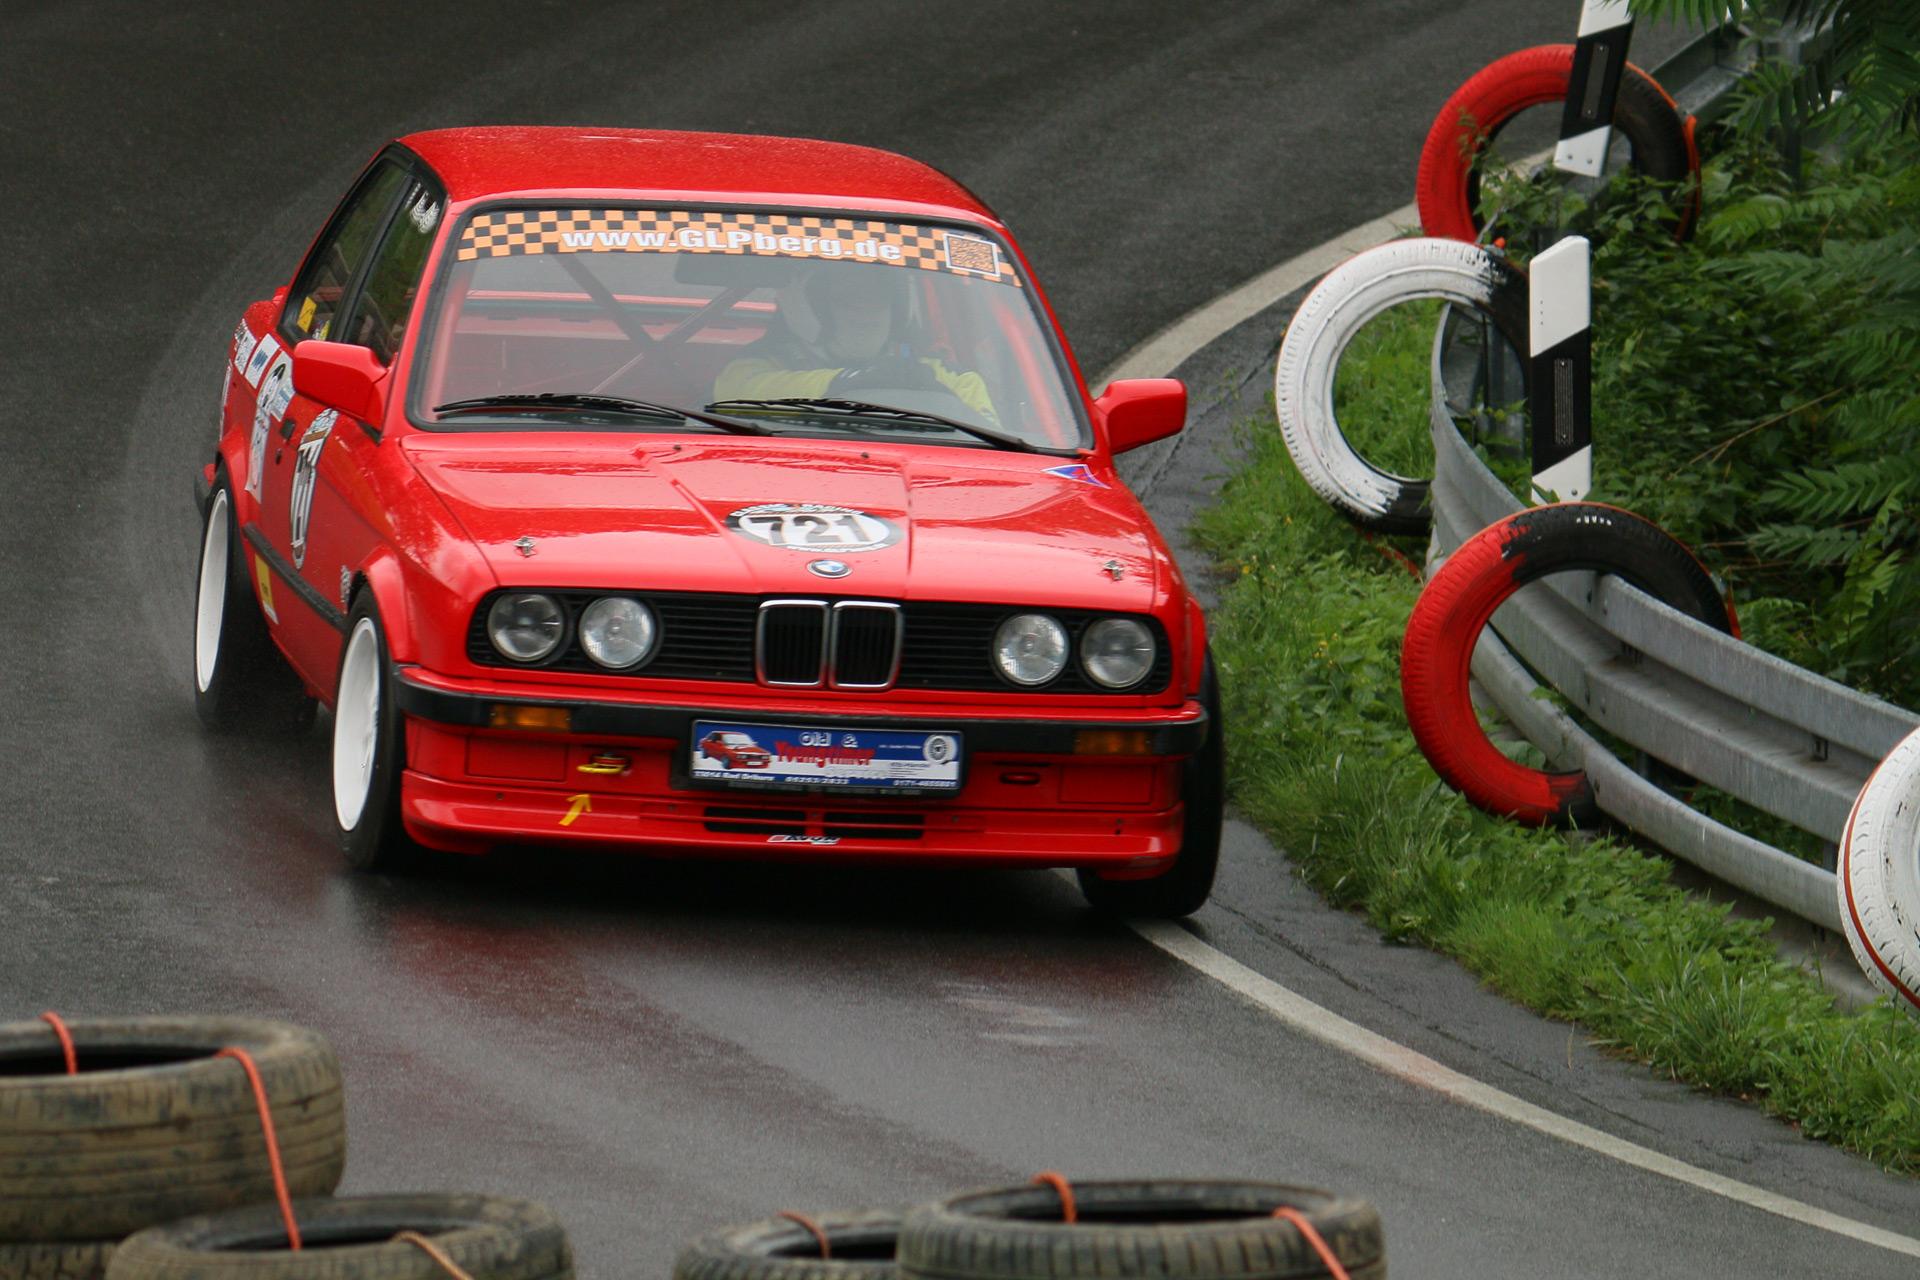 Die Baureihe E30 löste im November 1982 die Fahrzeuge der ersten 3er-Reihe E21 ab. Das Design der ersten 3er-Reihe stammt von Paul Bracq und wurde im E30 unter Claus Luthe weiterentwickelt.